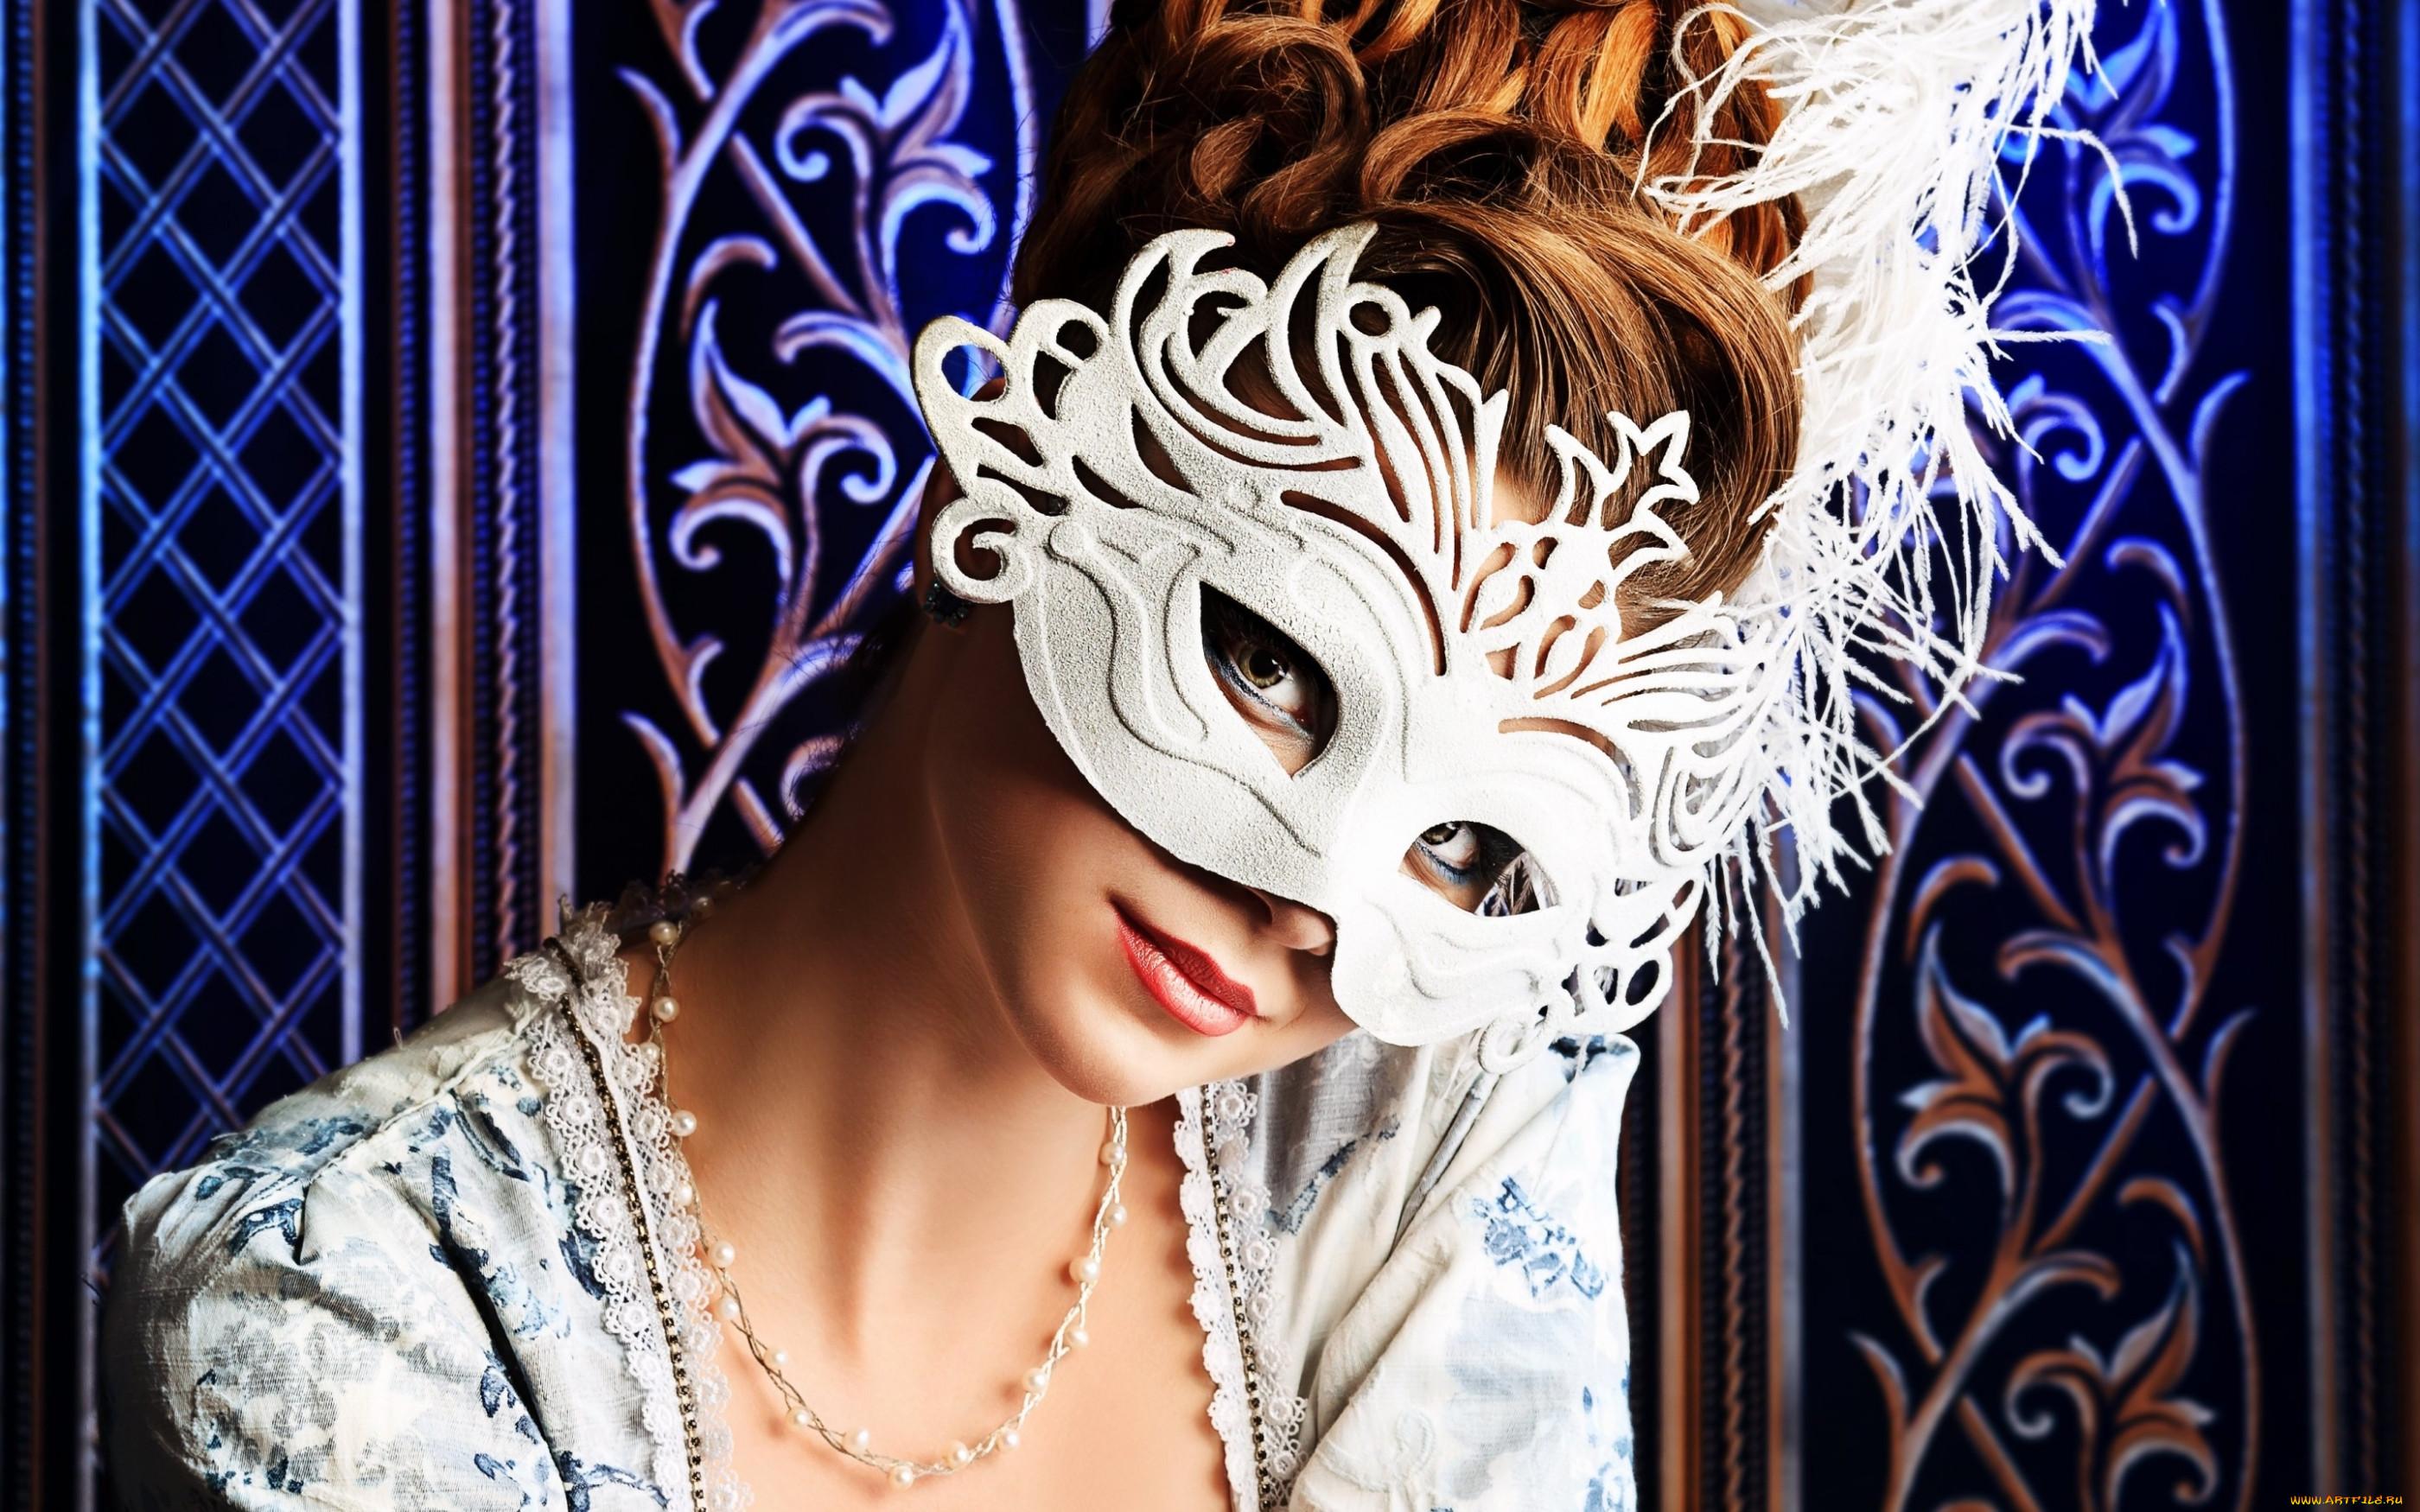 карнавальная маска как фотоэффект недавно